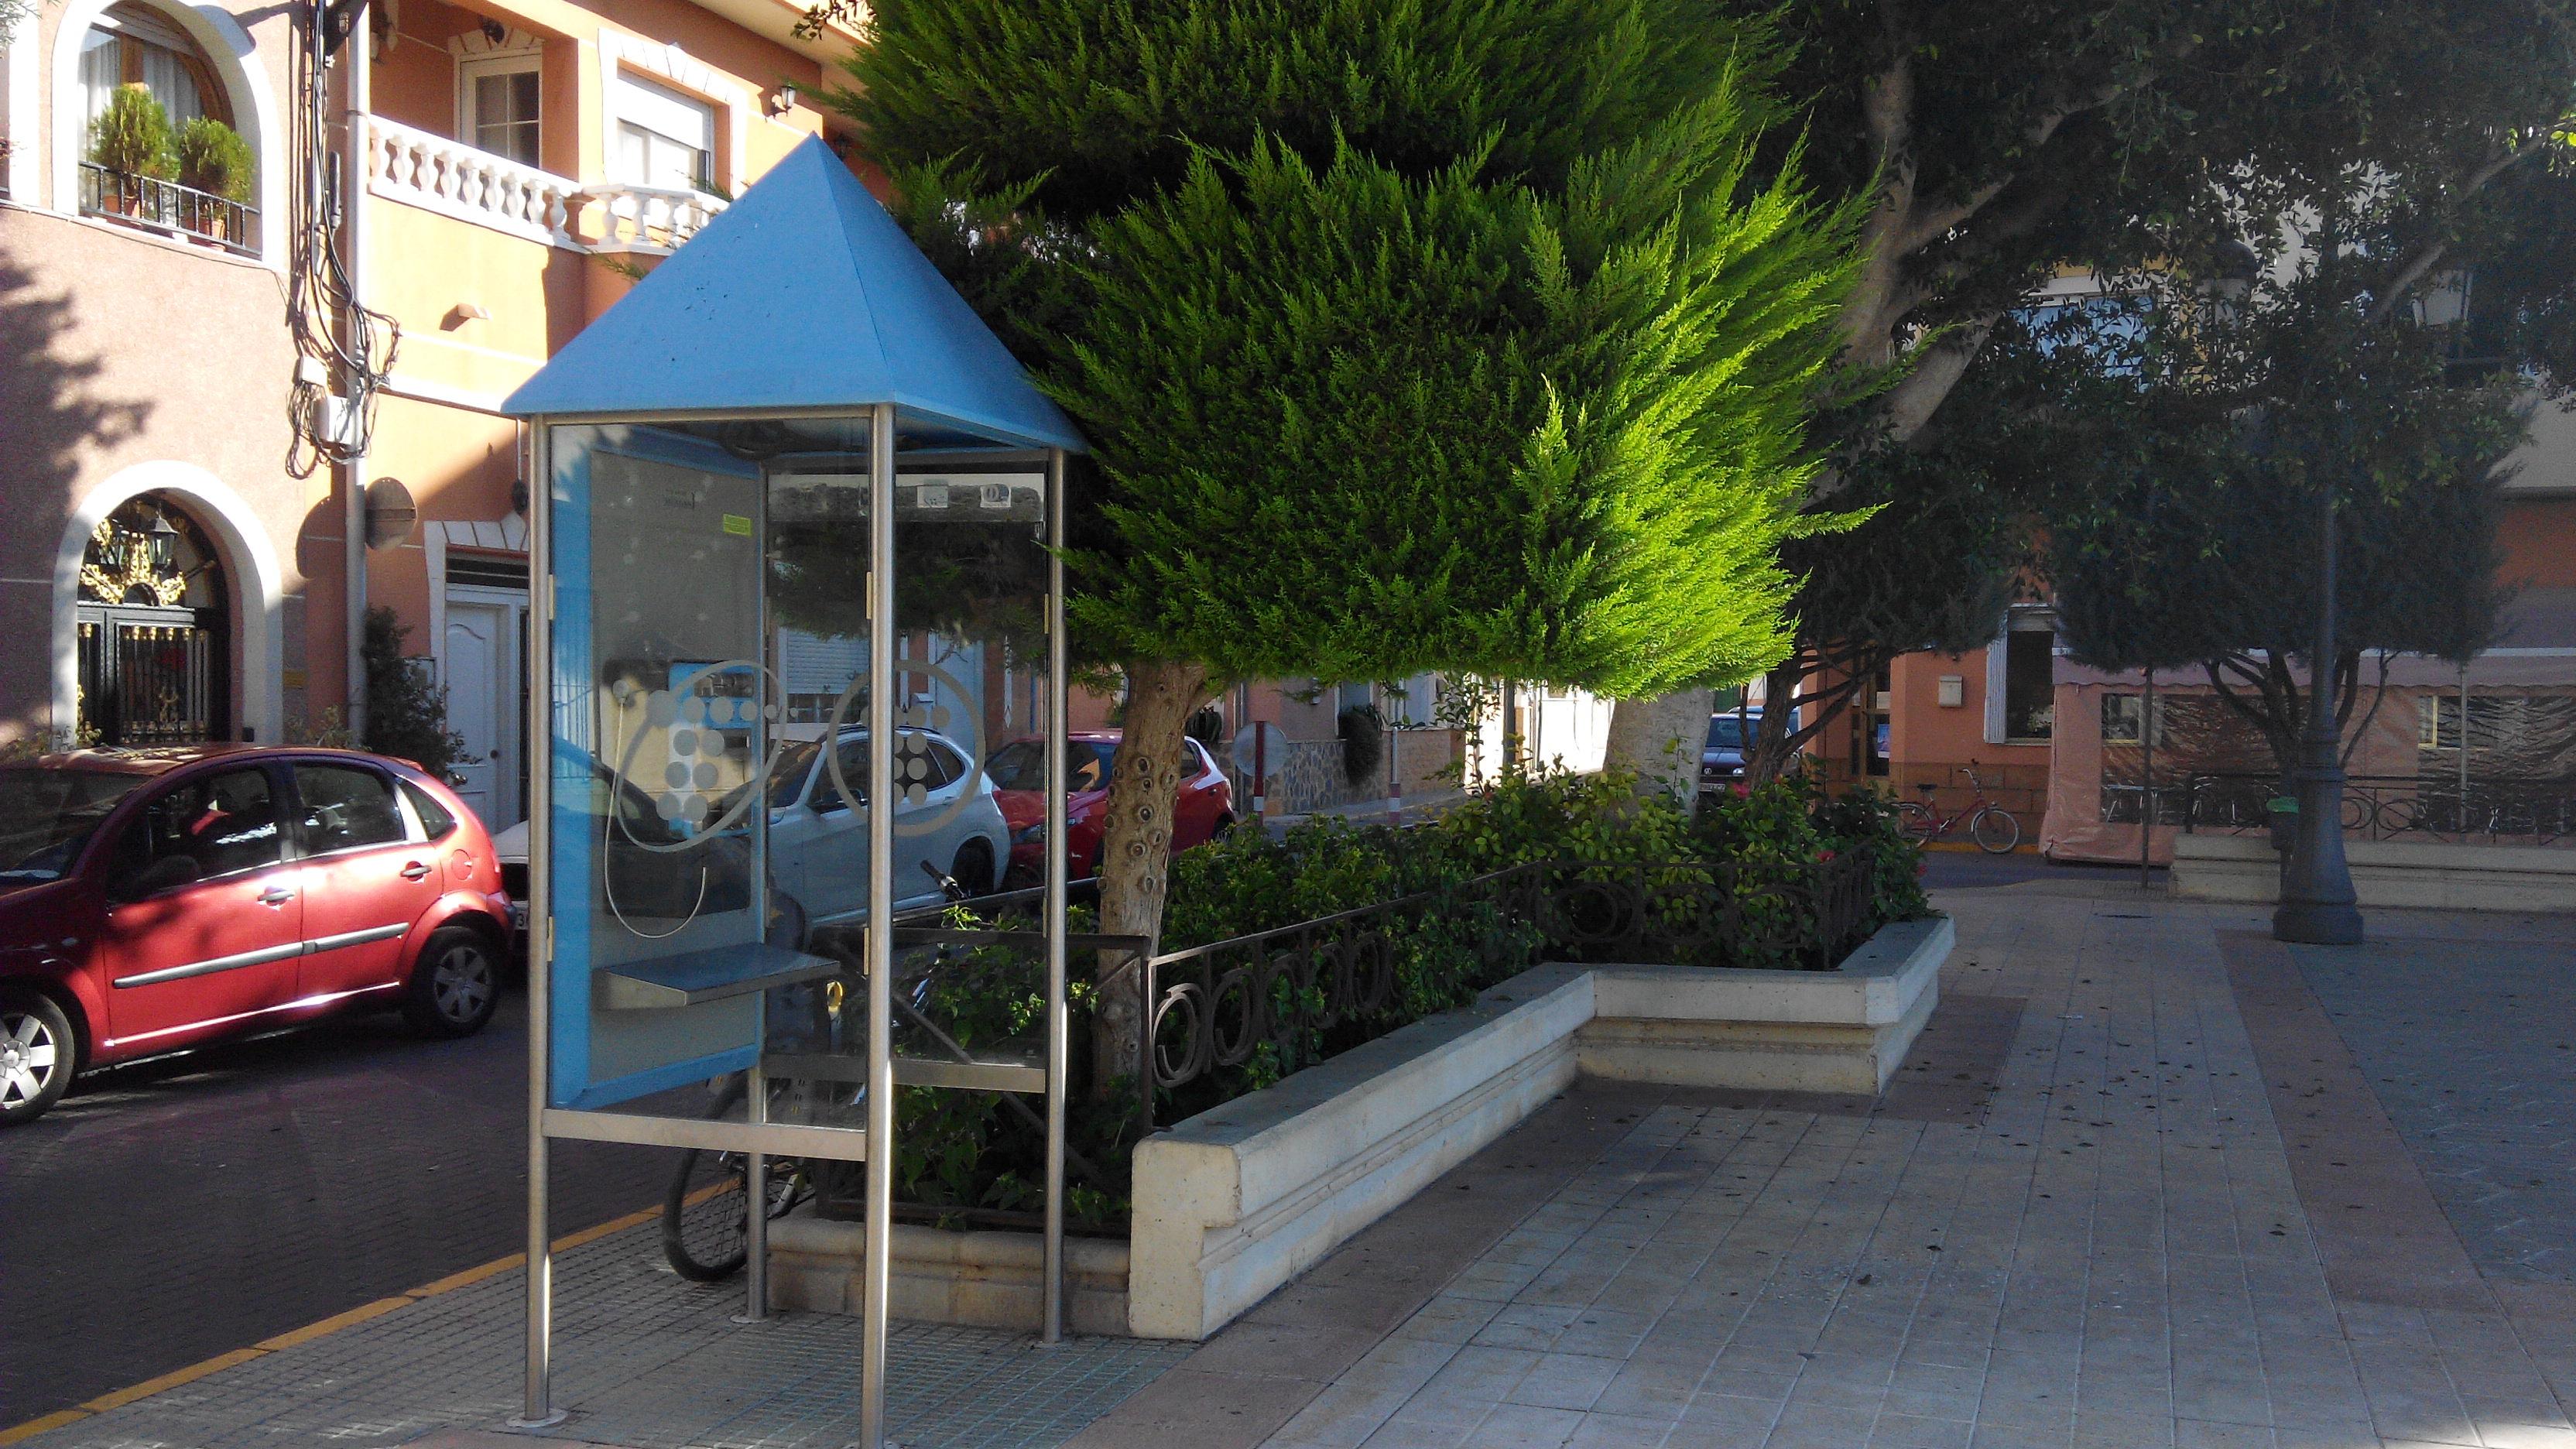 Cabina Telefonica : File:formentera del segura 9 cabina telefonica.jpg wikimedia commons